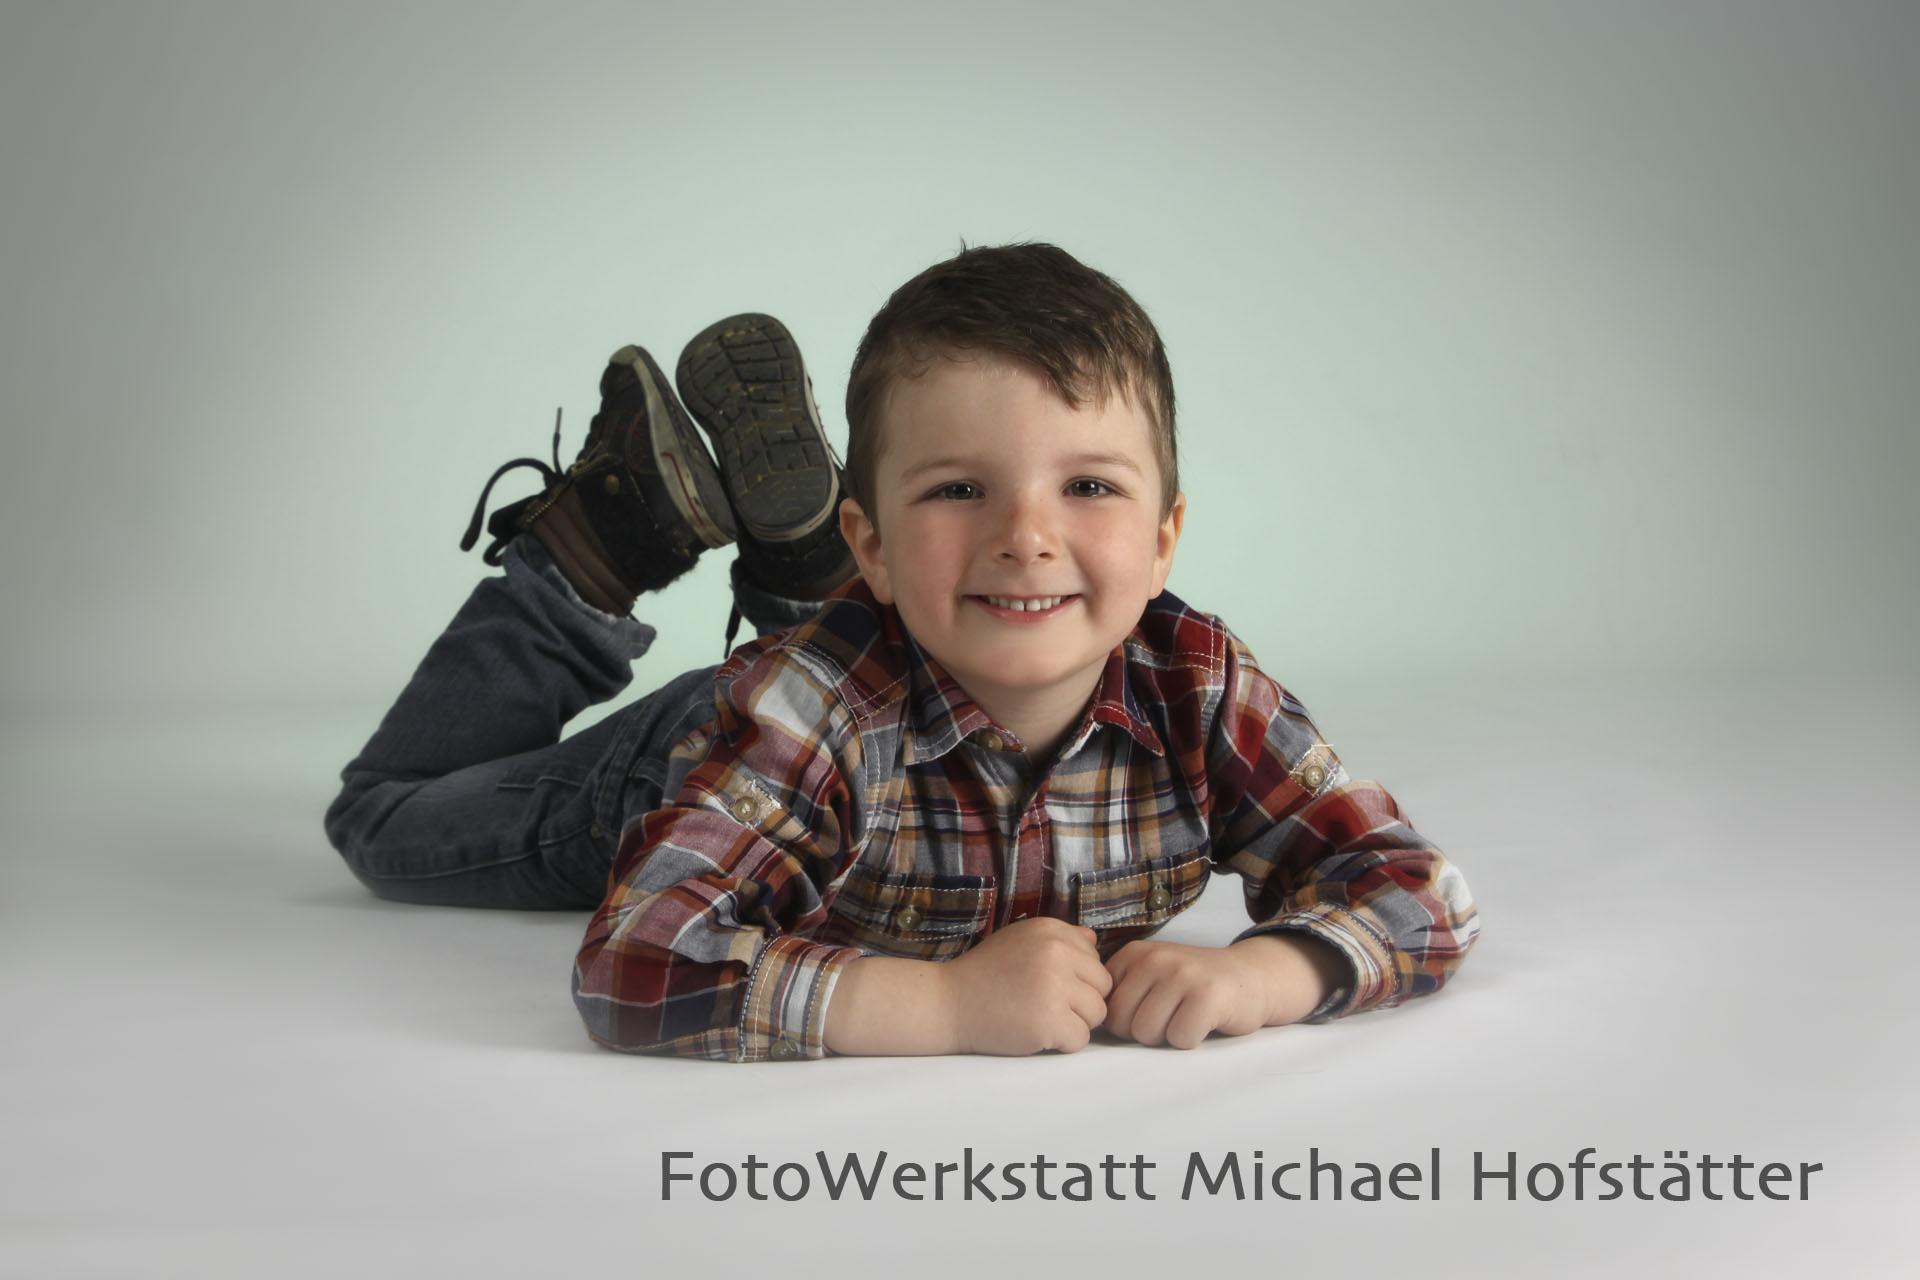 fotografie - hofstätter